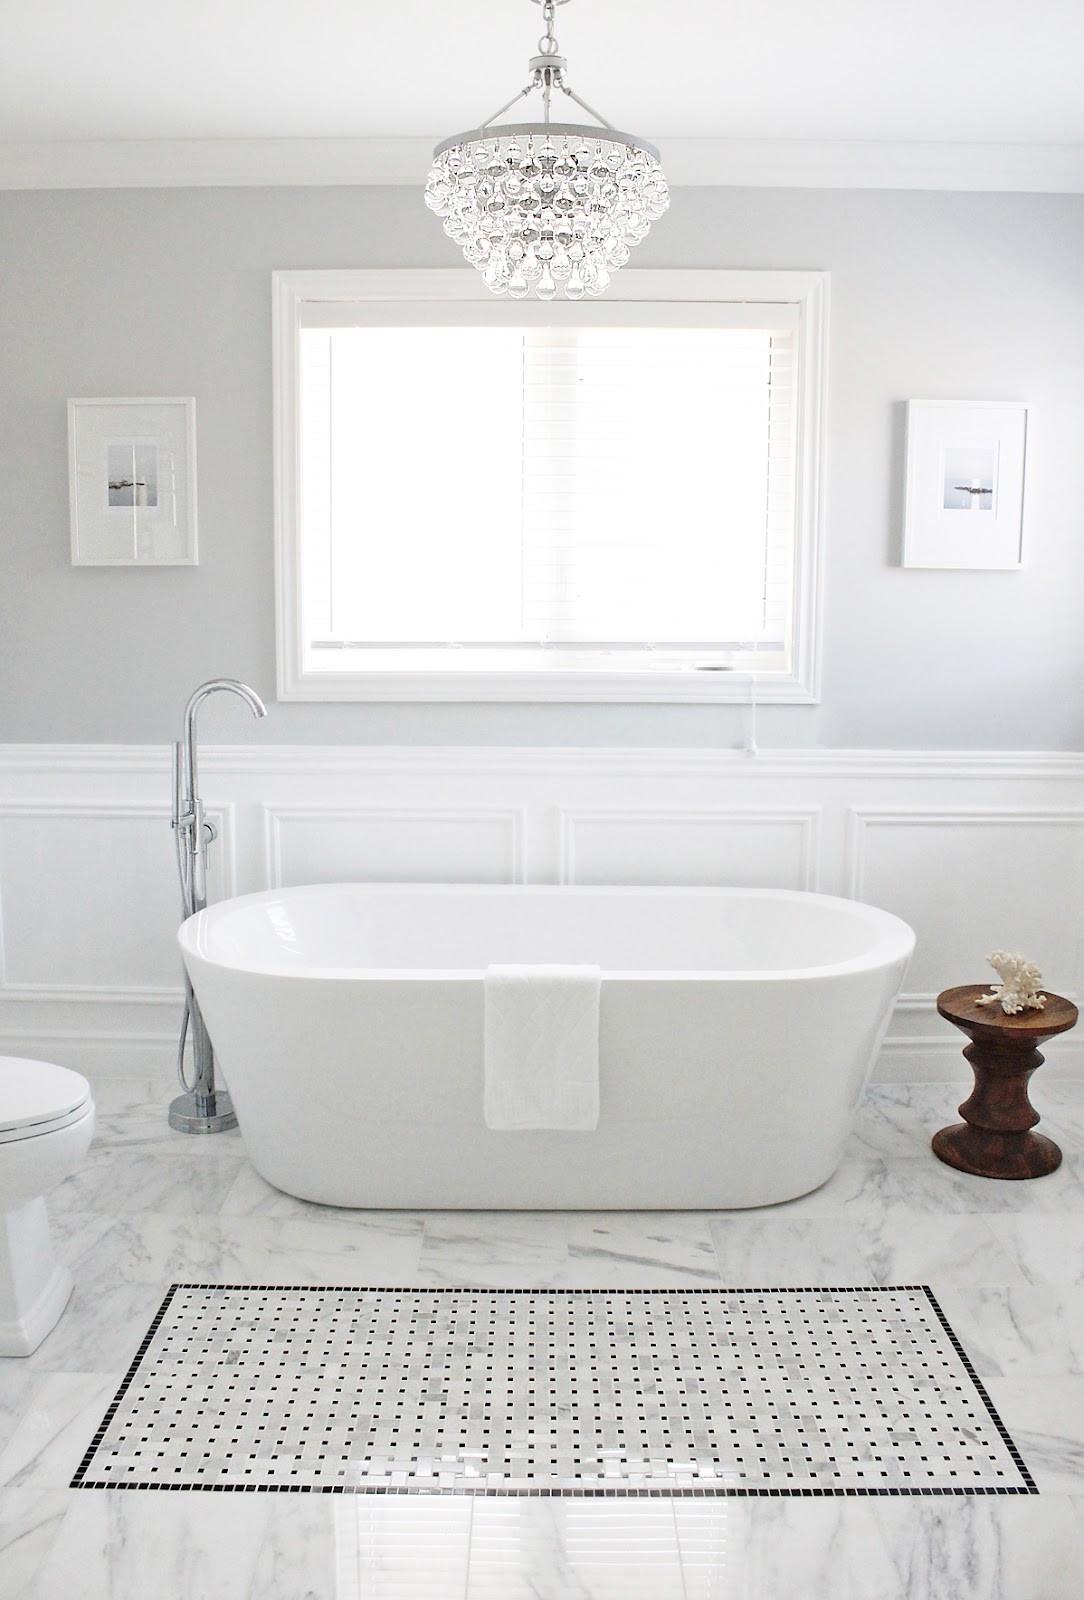 Best ideas about Light Grey Paint Colors . Save or Pin Best bathroom light light grey paint colors valspar behr Now.